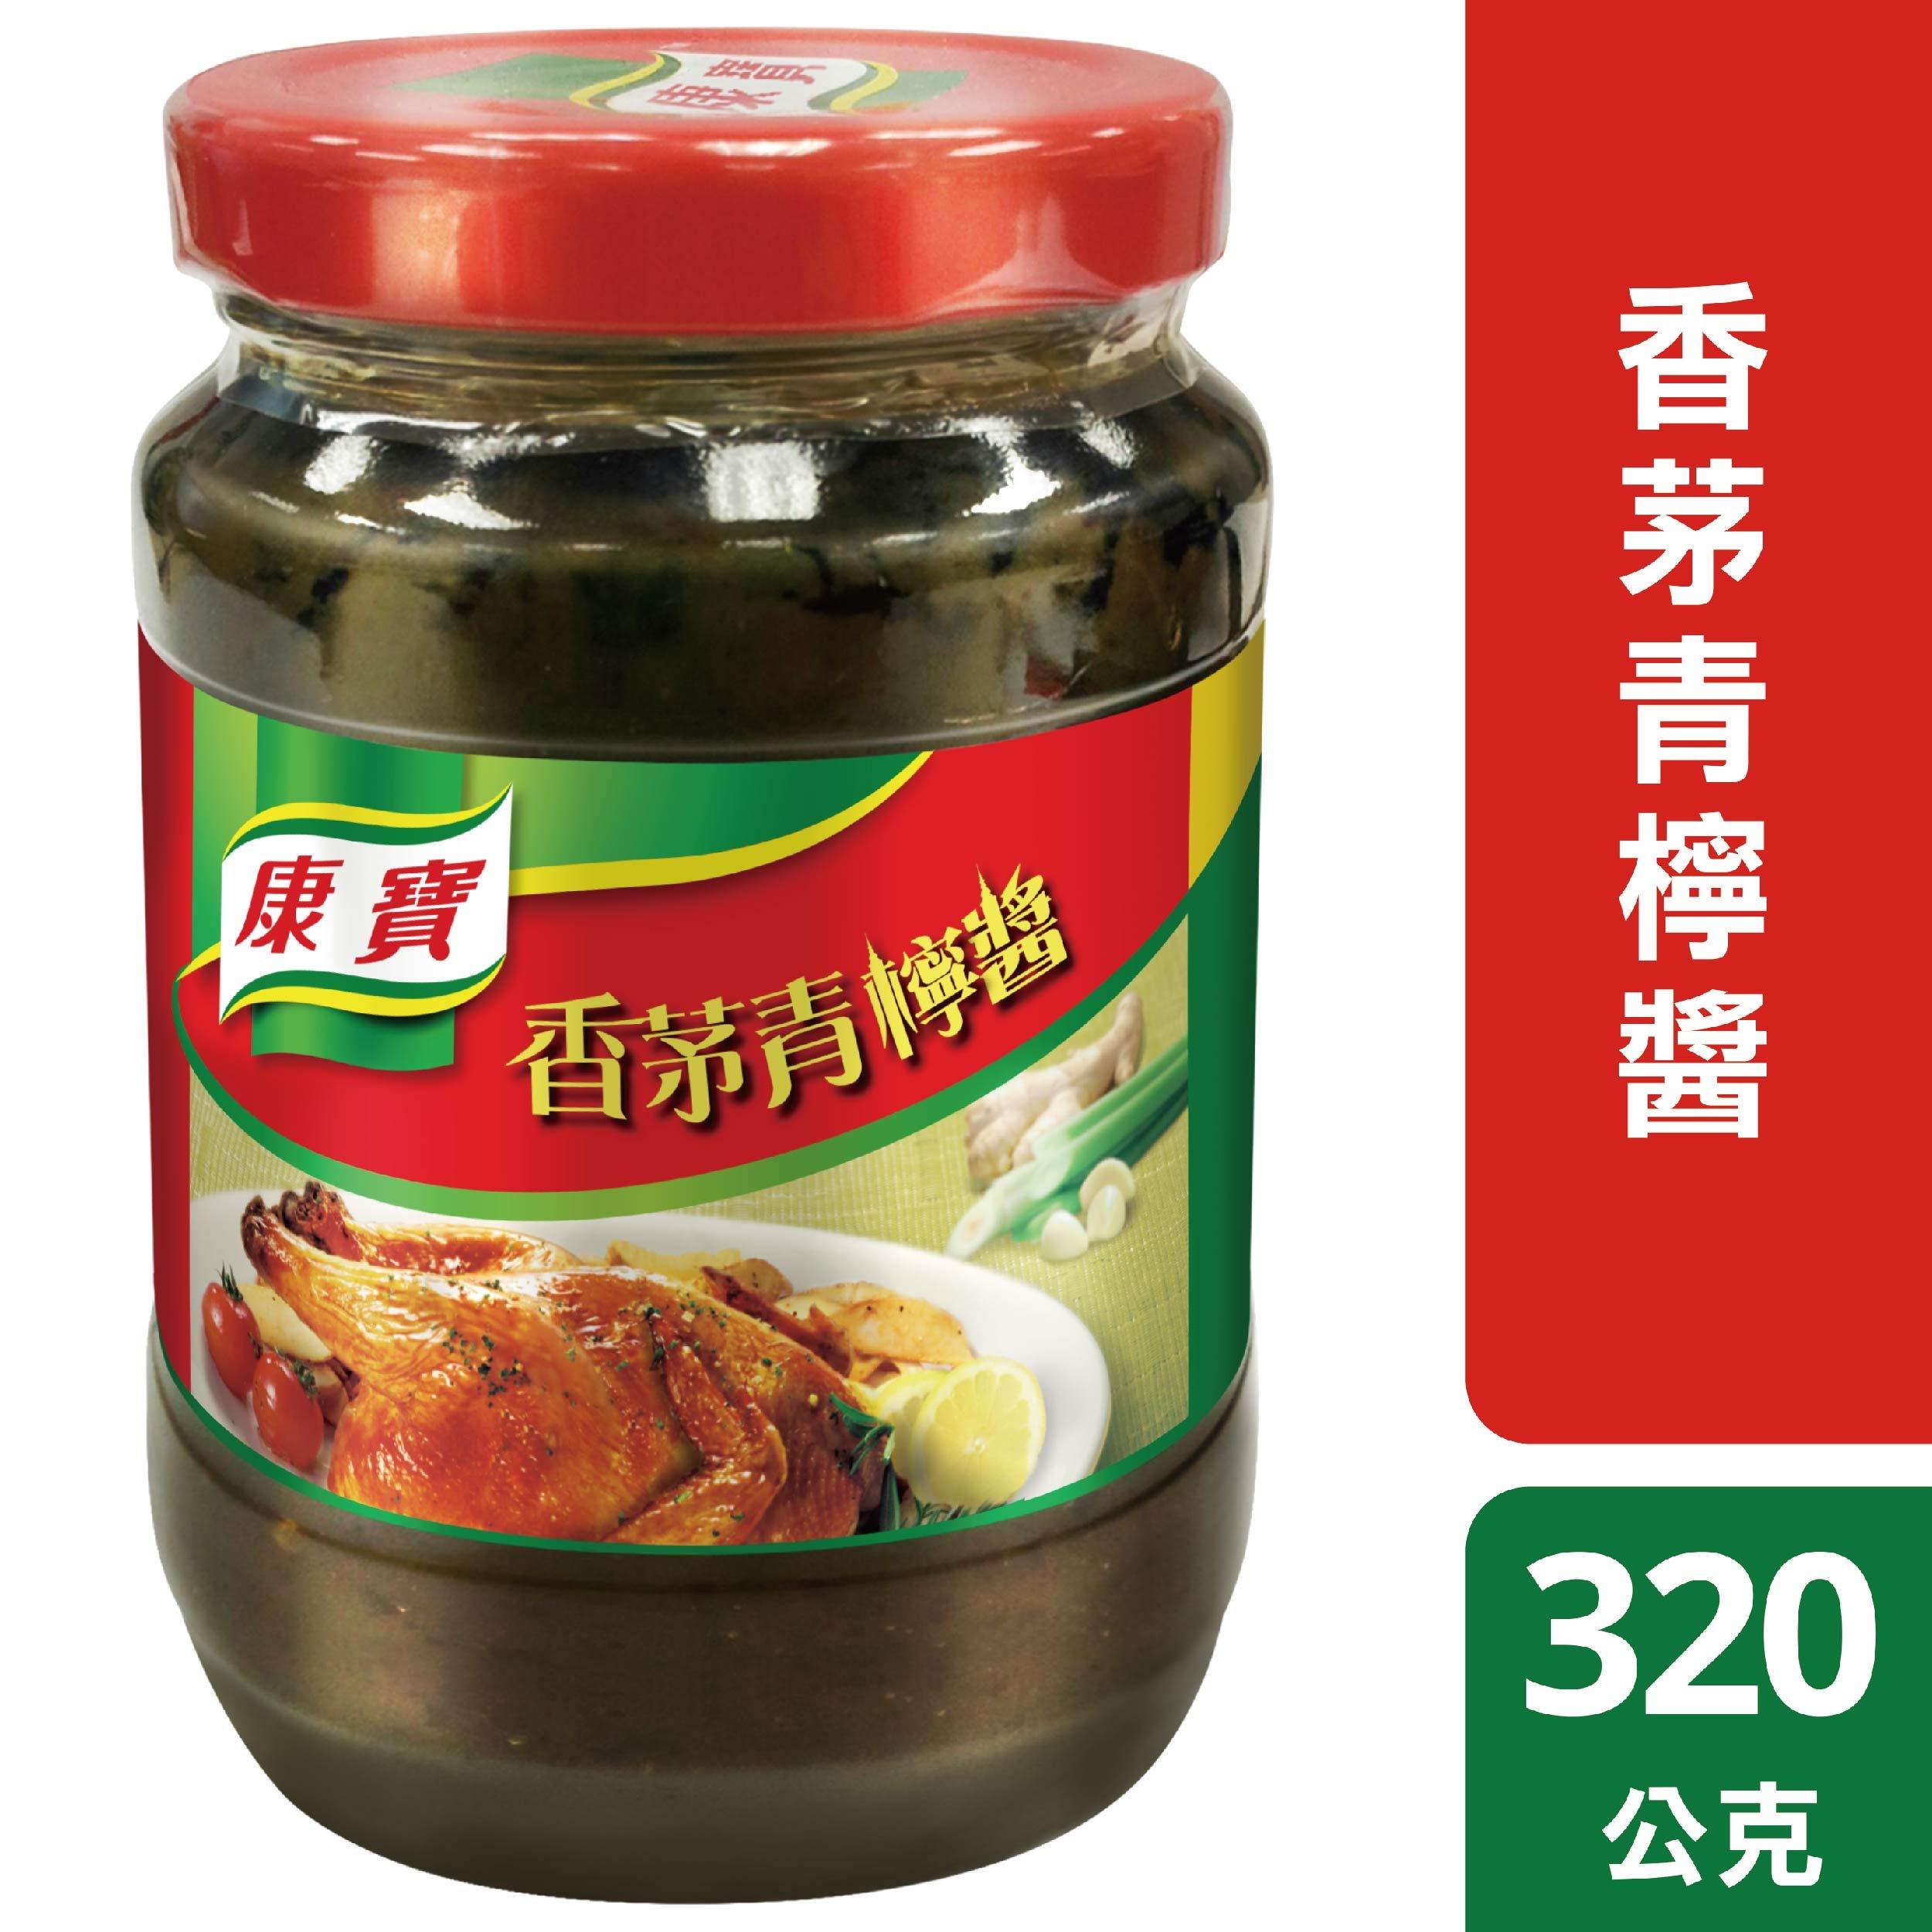 康寶香茅青檸醬